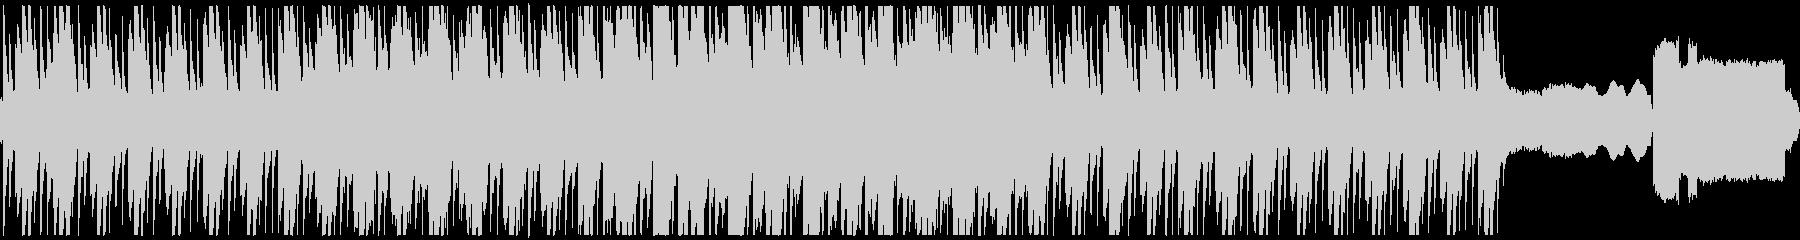 静かな暗い森をイメージした曲 ループ版の未再生の波形